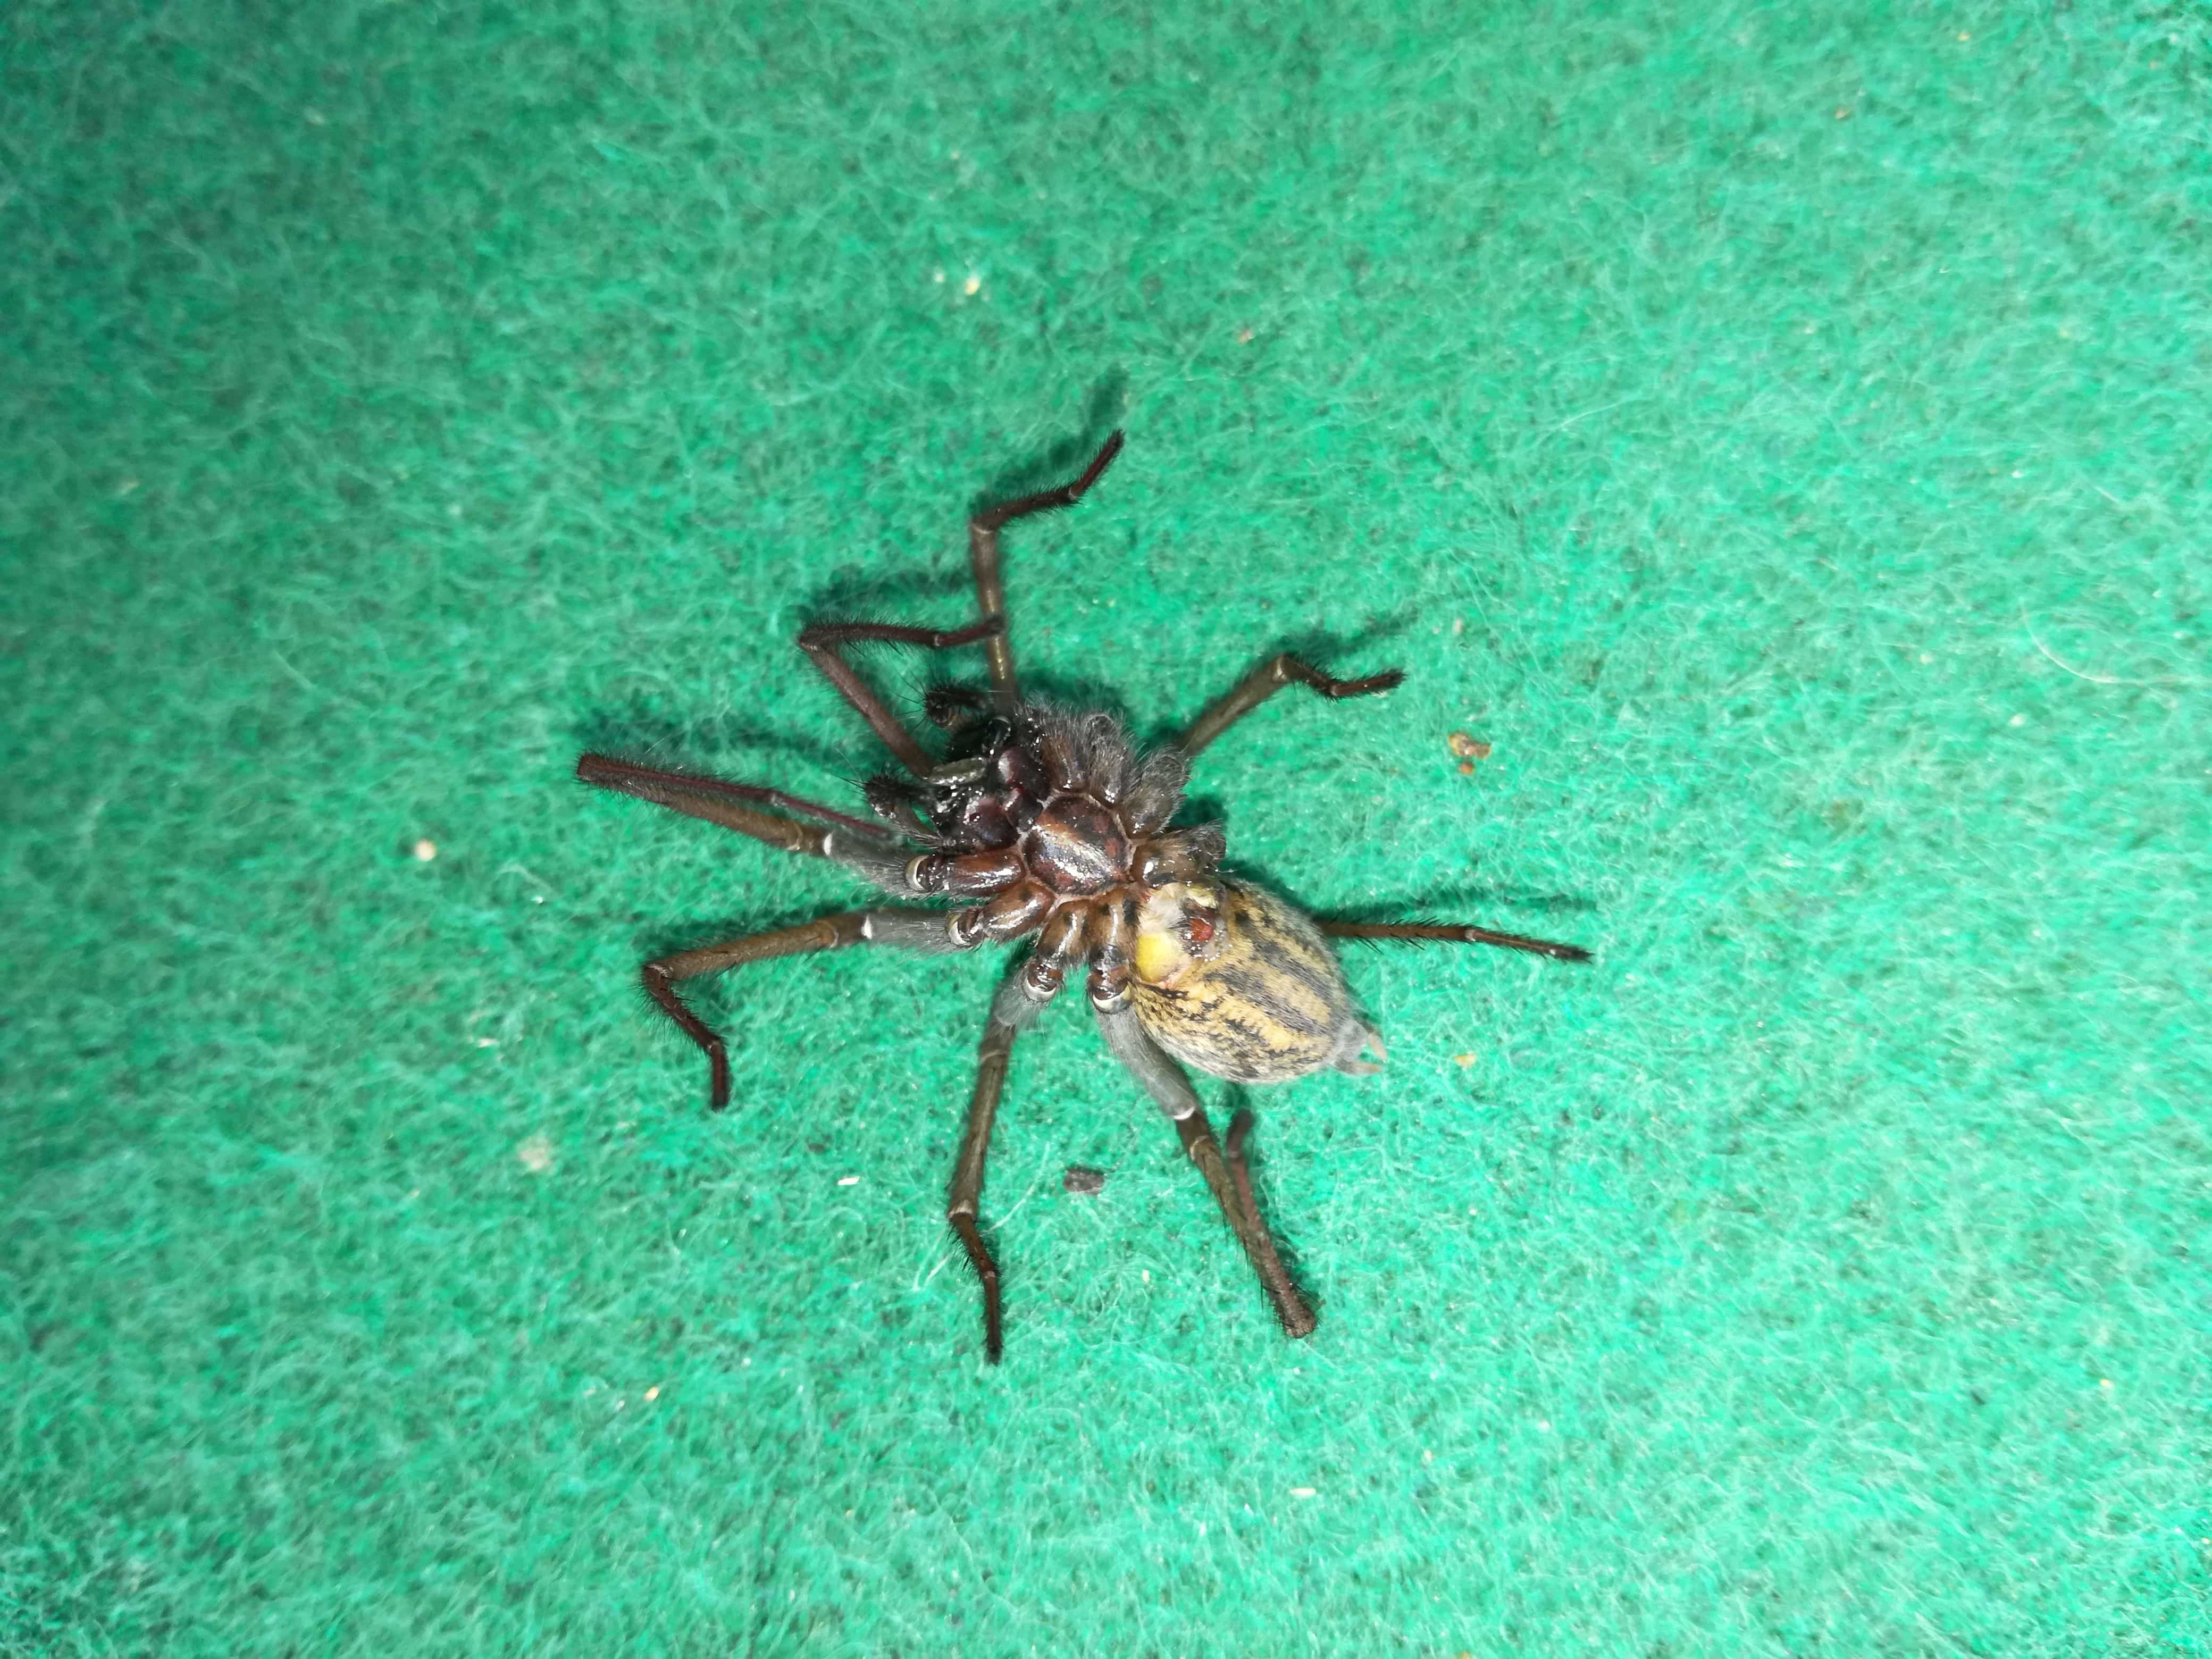 Picture of Eratigena - Female - Ventral